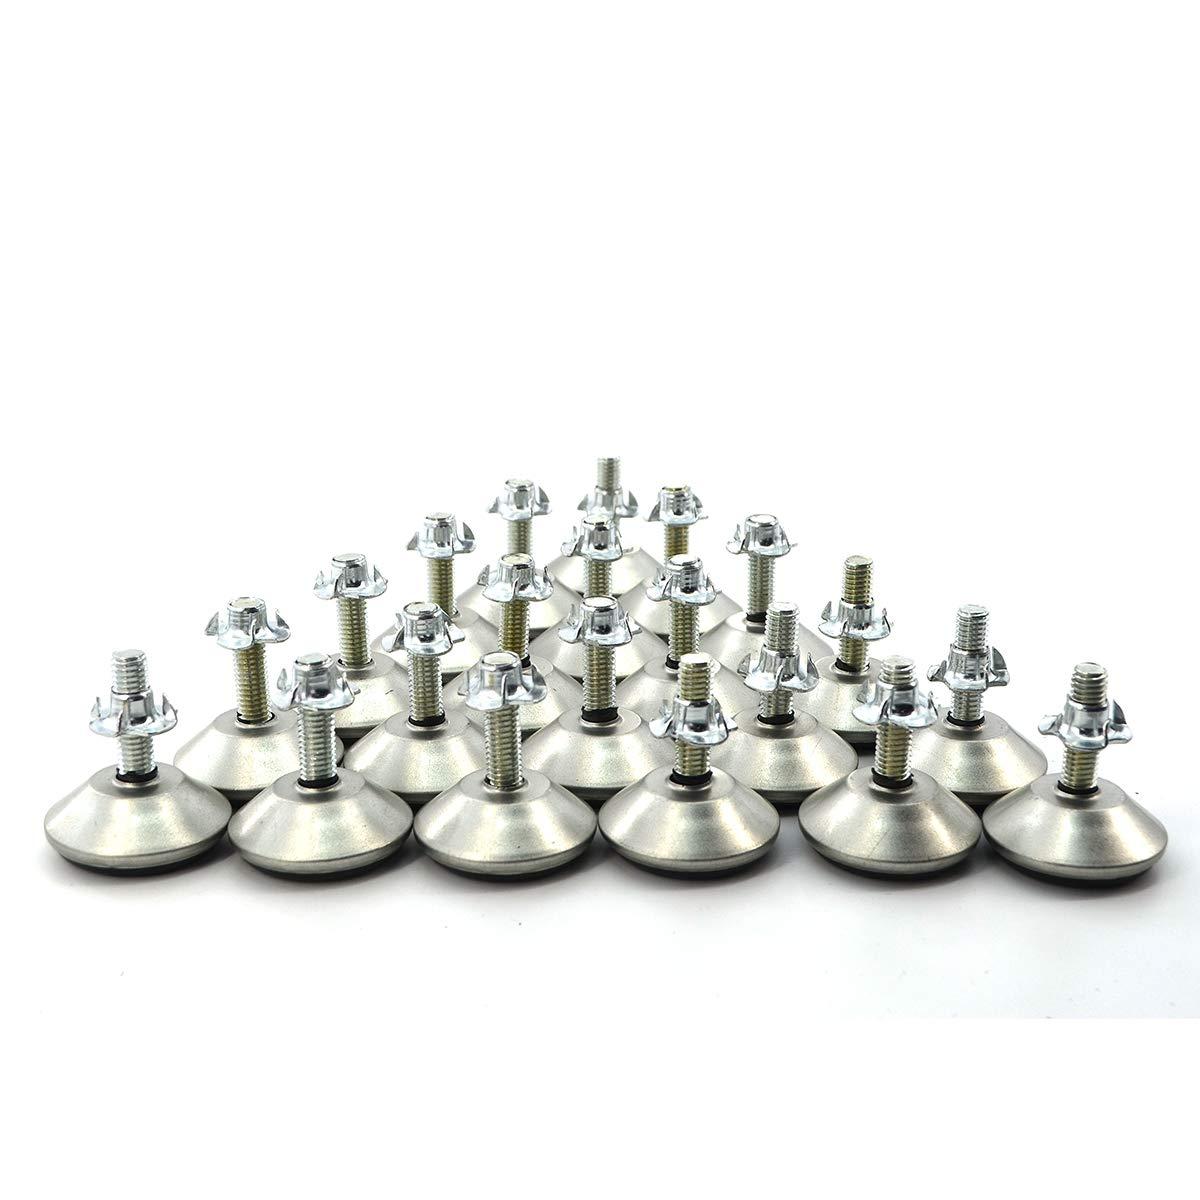 21 juegos de patas de nivelaci/ón de mesa M8 tama/ño de rosca ajustable